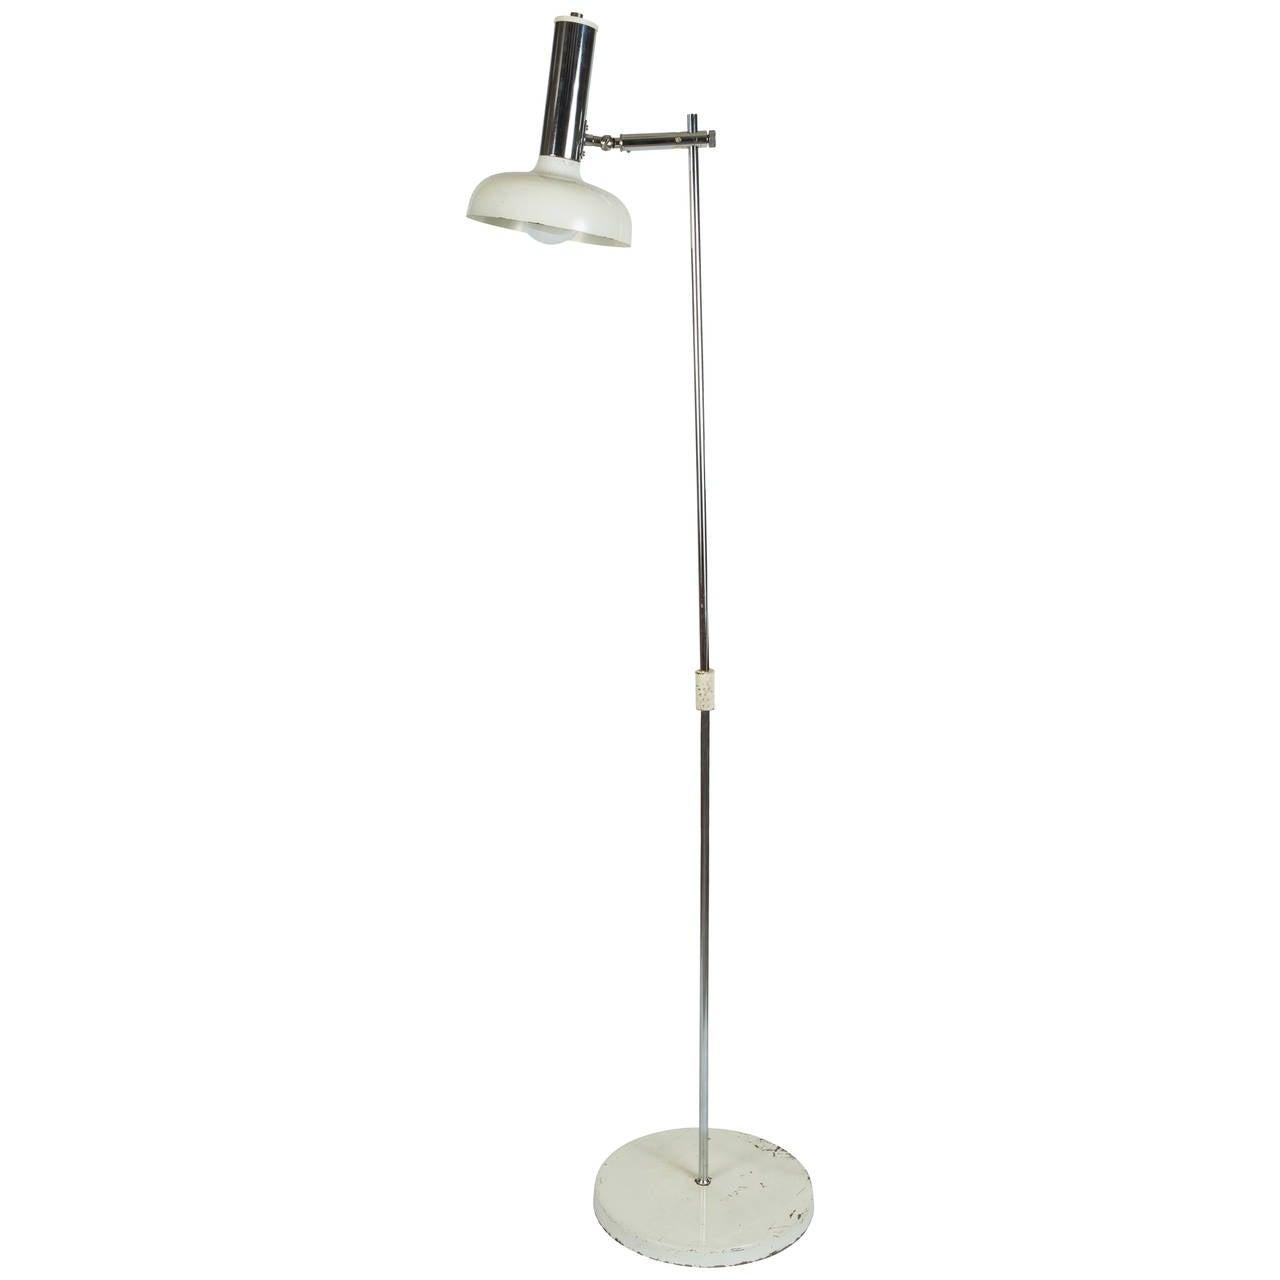 1960s Italian Floor Lamp in the Style of Gino Sarfatti